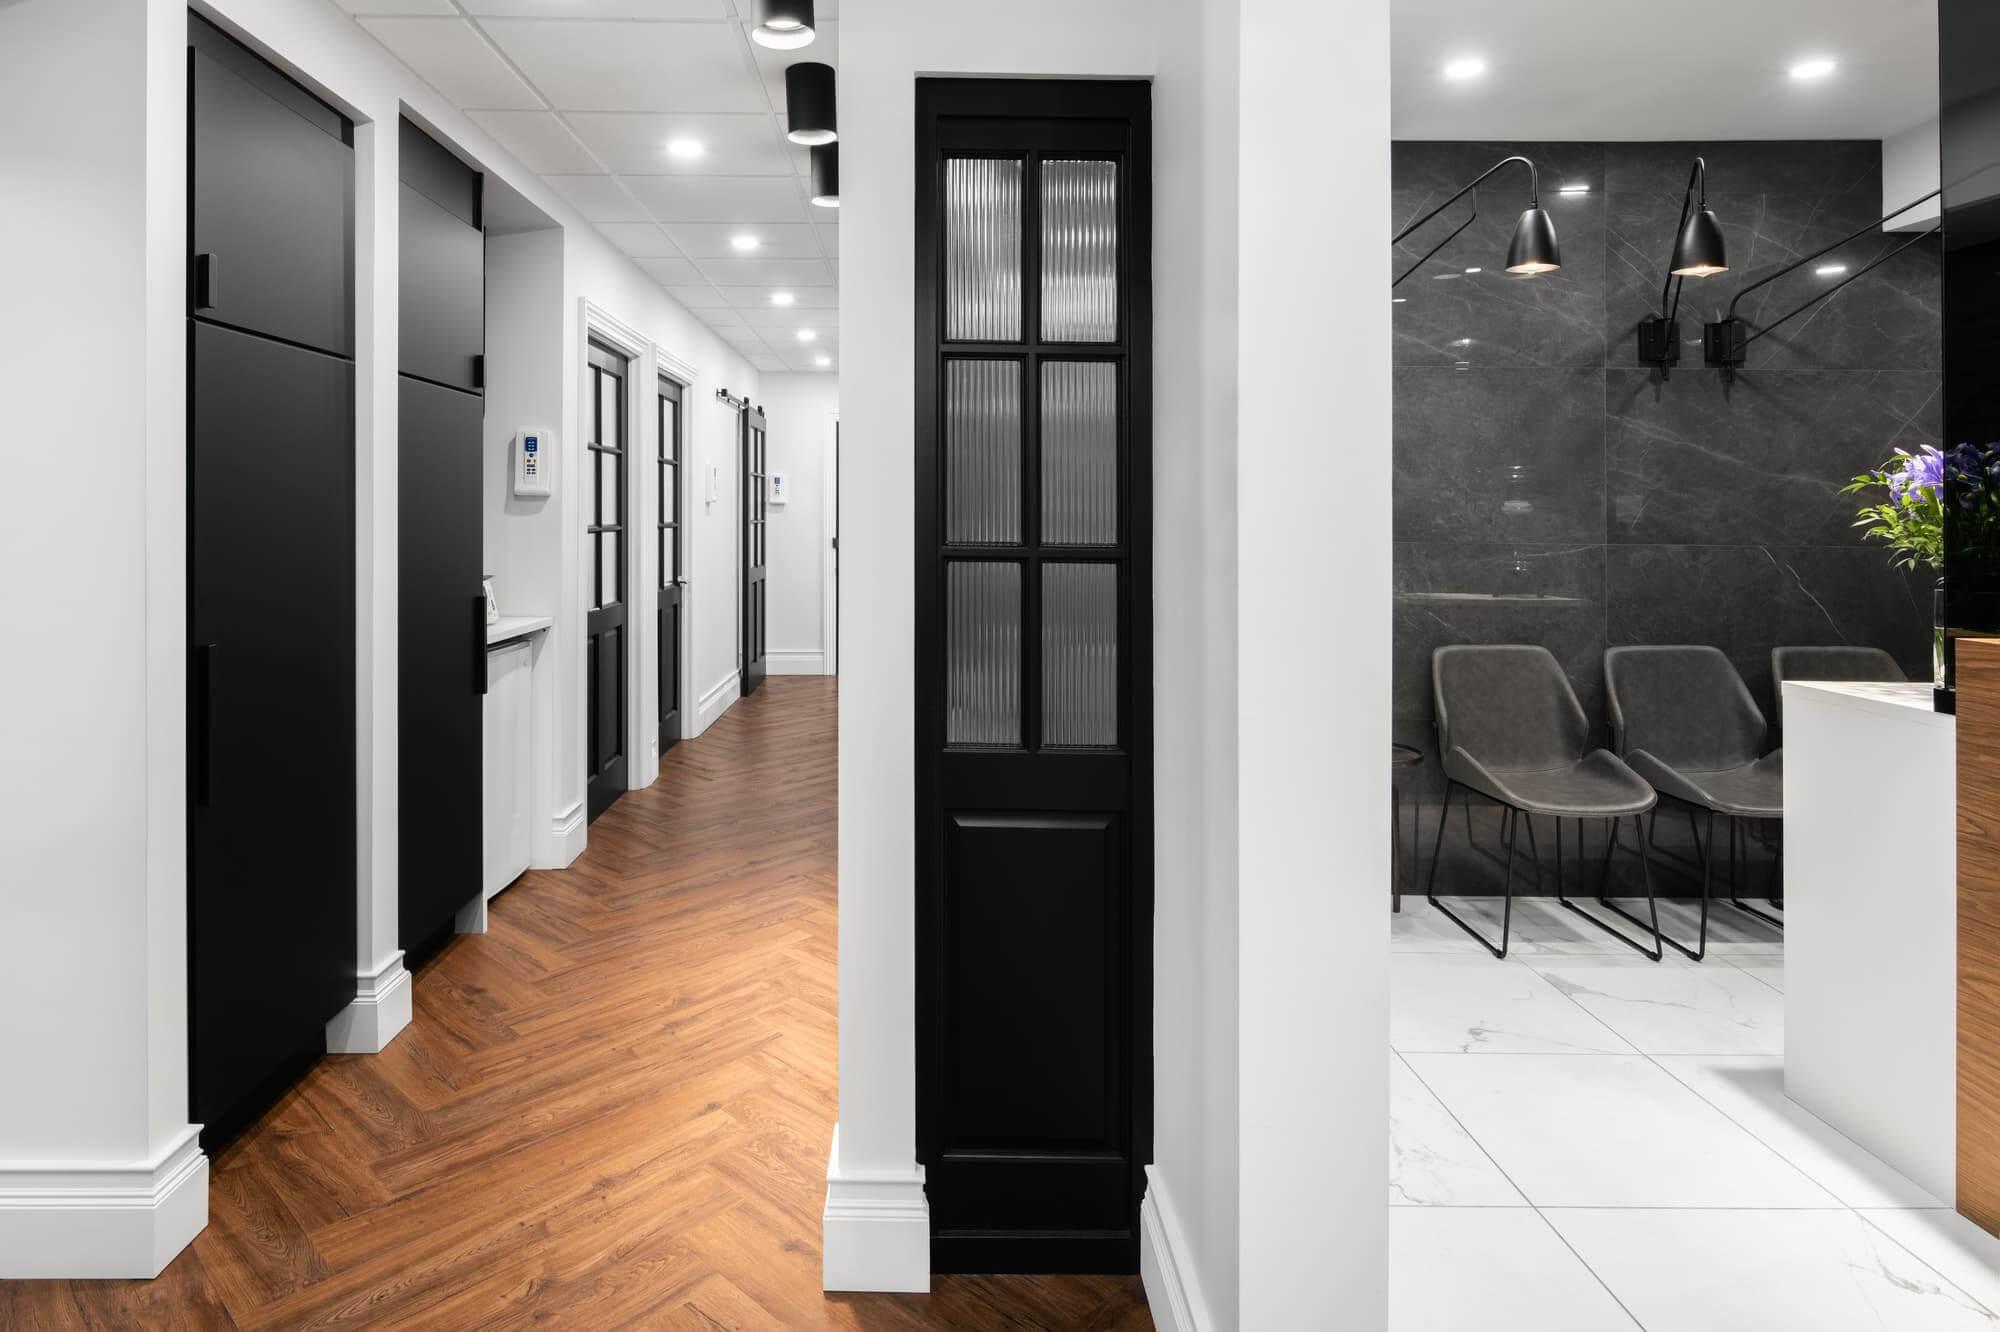 Design corridor clinique dentaire avec plancher à chevrons et portes en bois noir